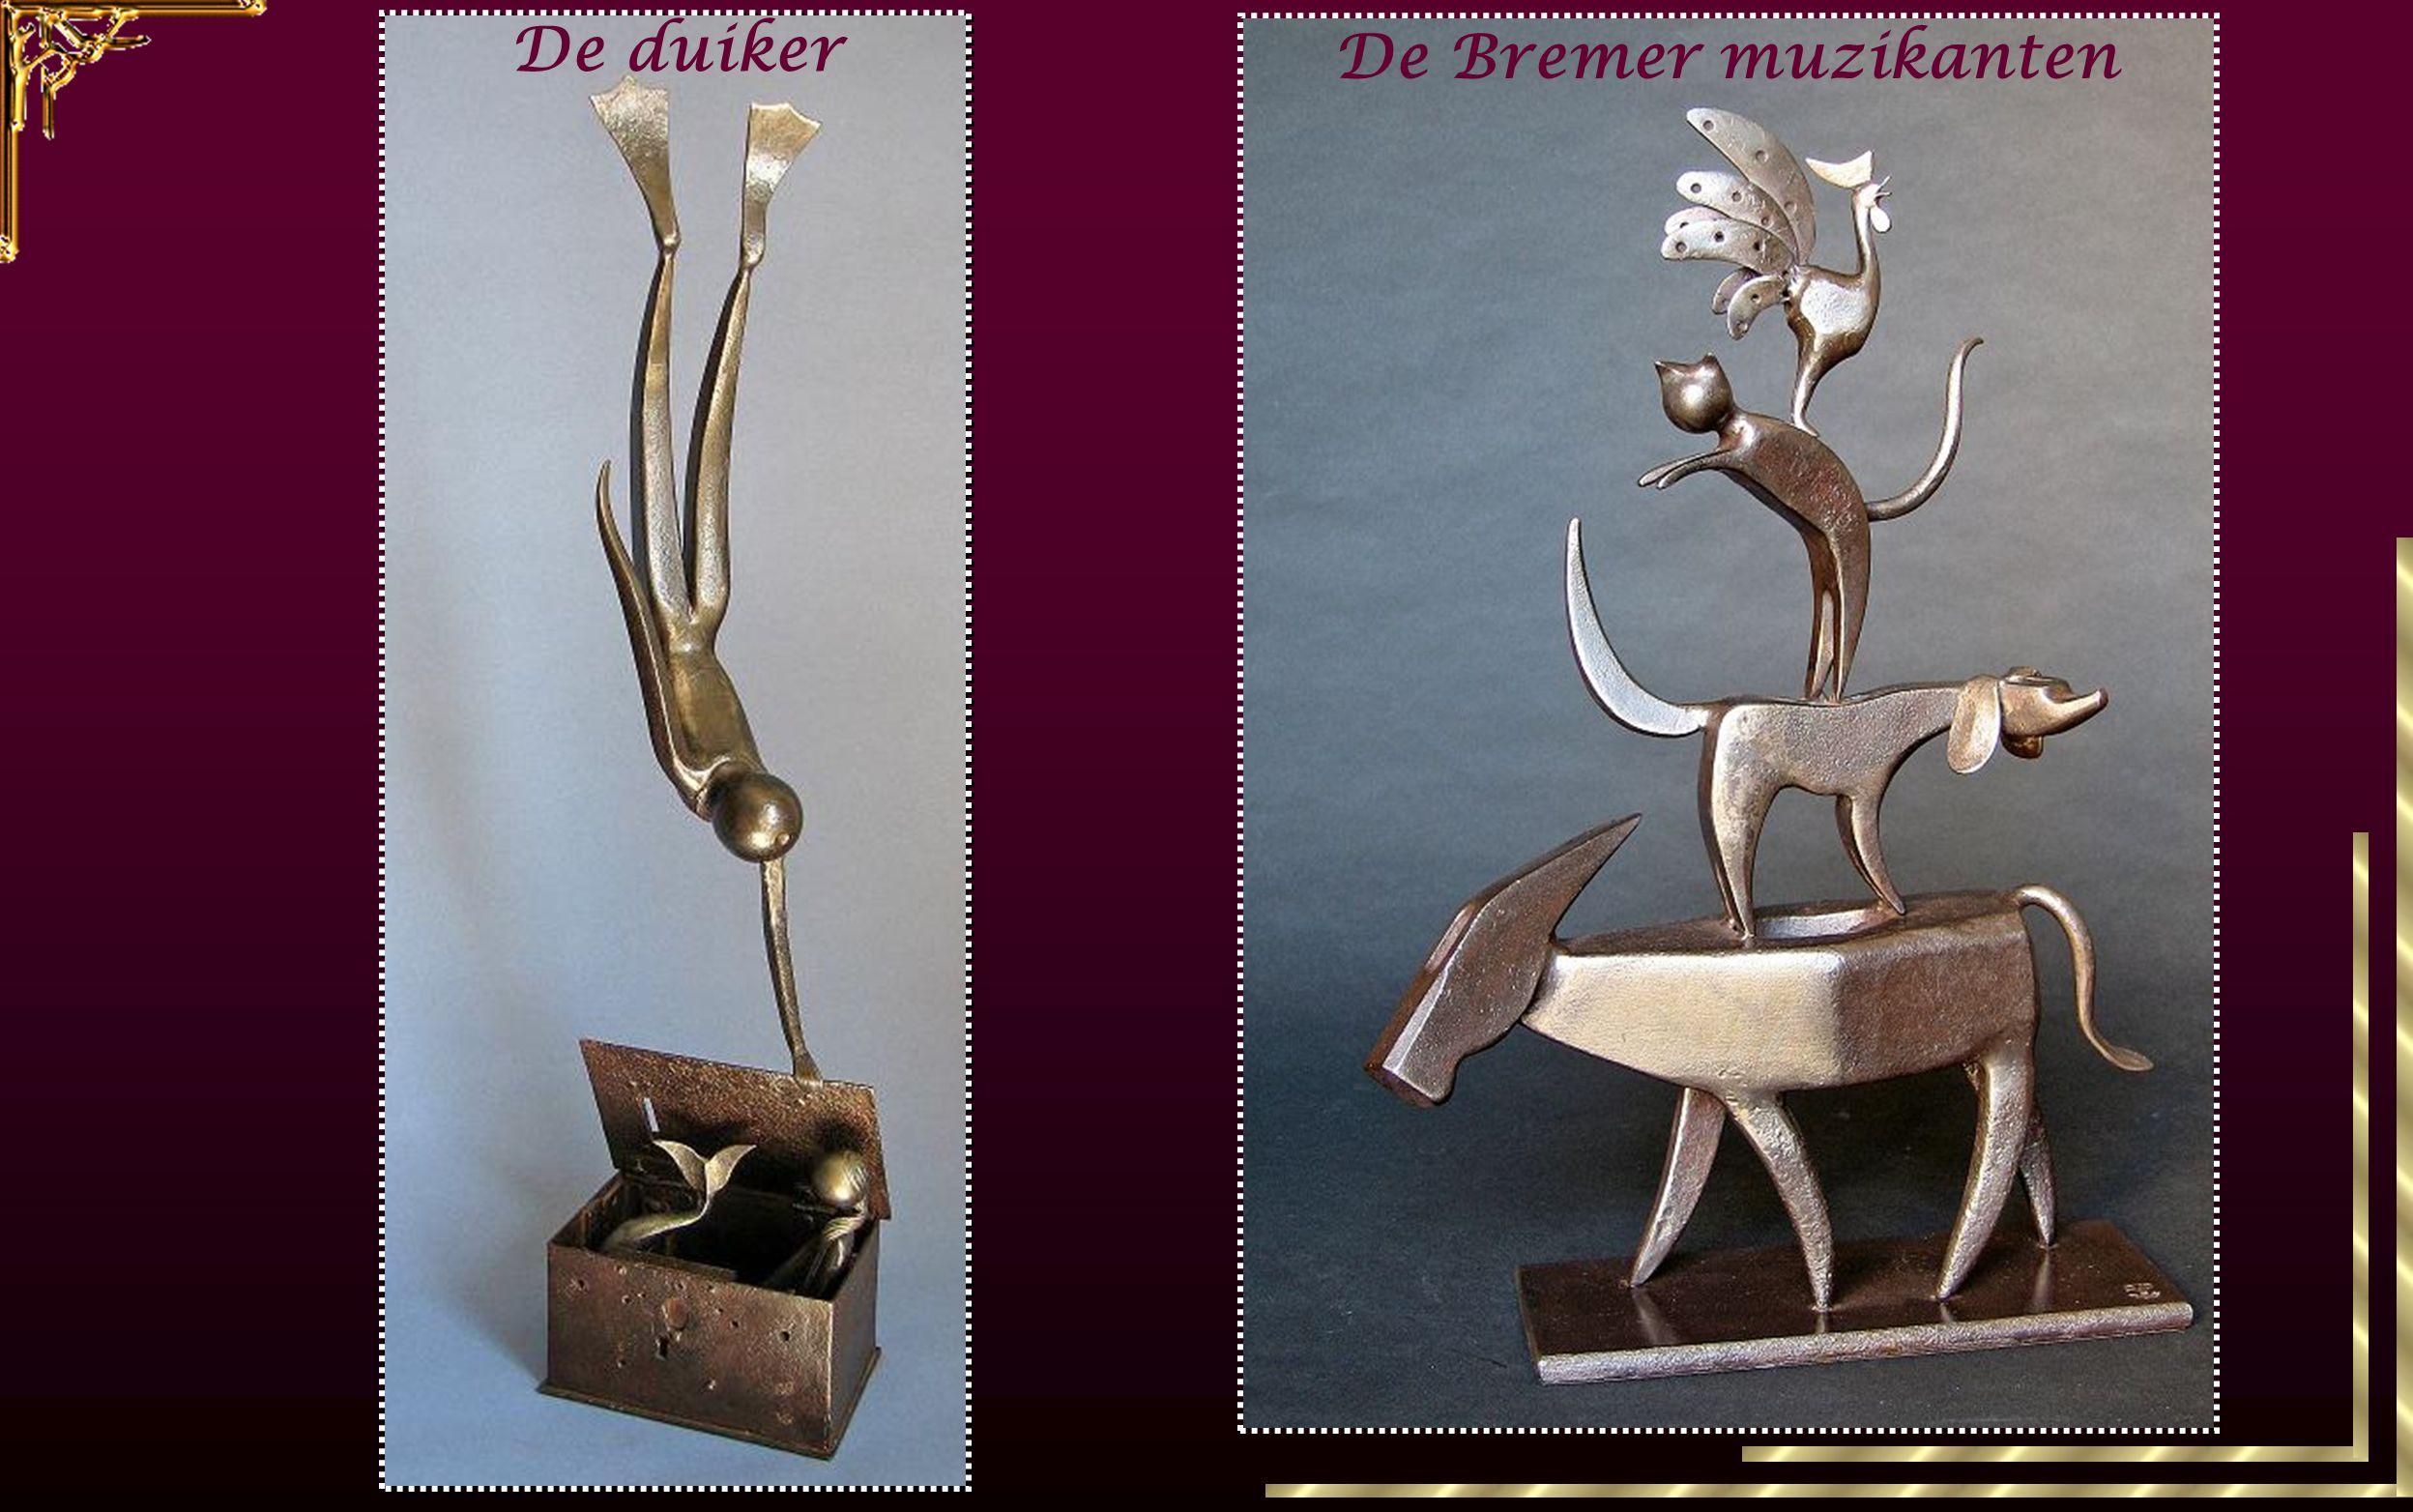 oud gereedschapijzeren voorwxerpen Deze beeldhouwer vindt zijn inspiratie in oud gereedschap of ijzeren voorwxerpen die hij via assemblage transformeert in personages of dieren in beweging.